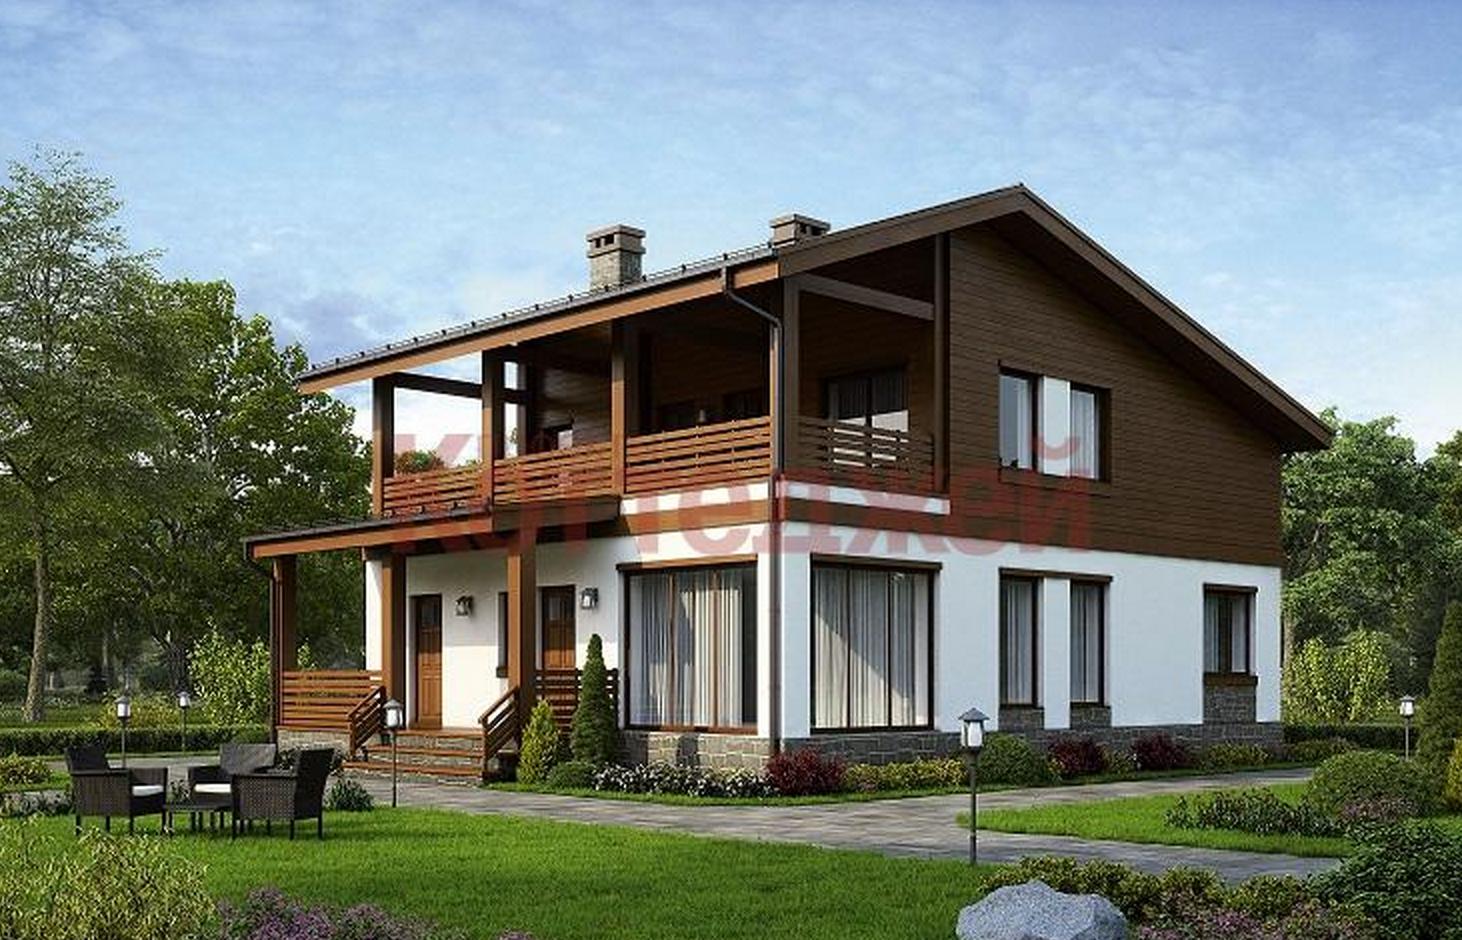 Двухэтажный дом с террасой и балконом фото.